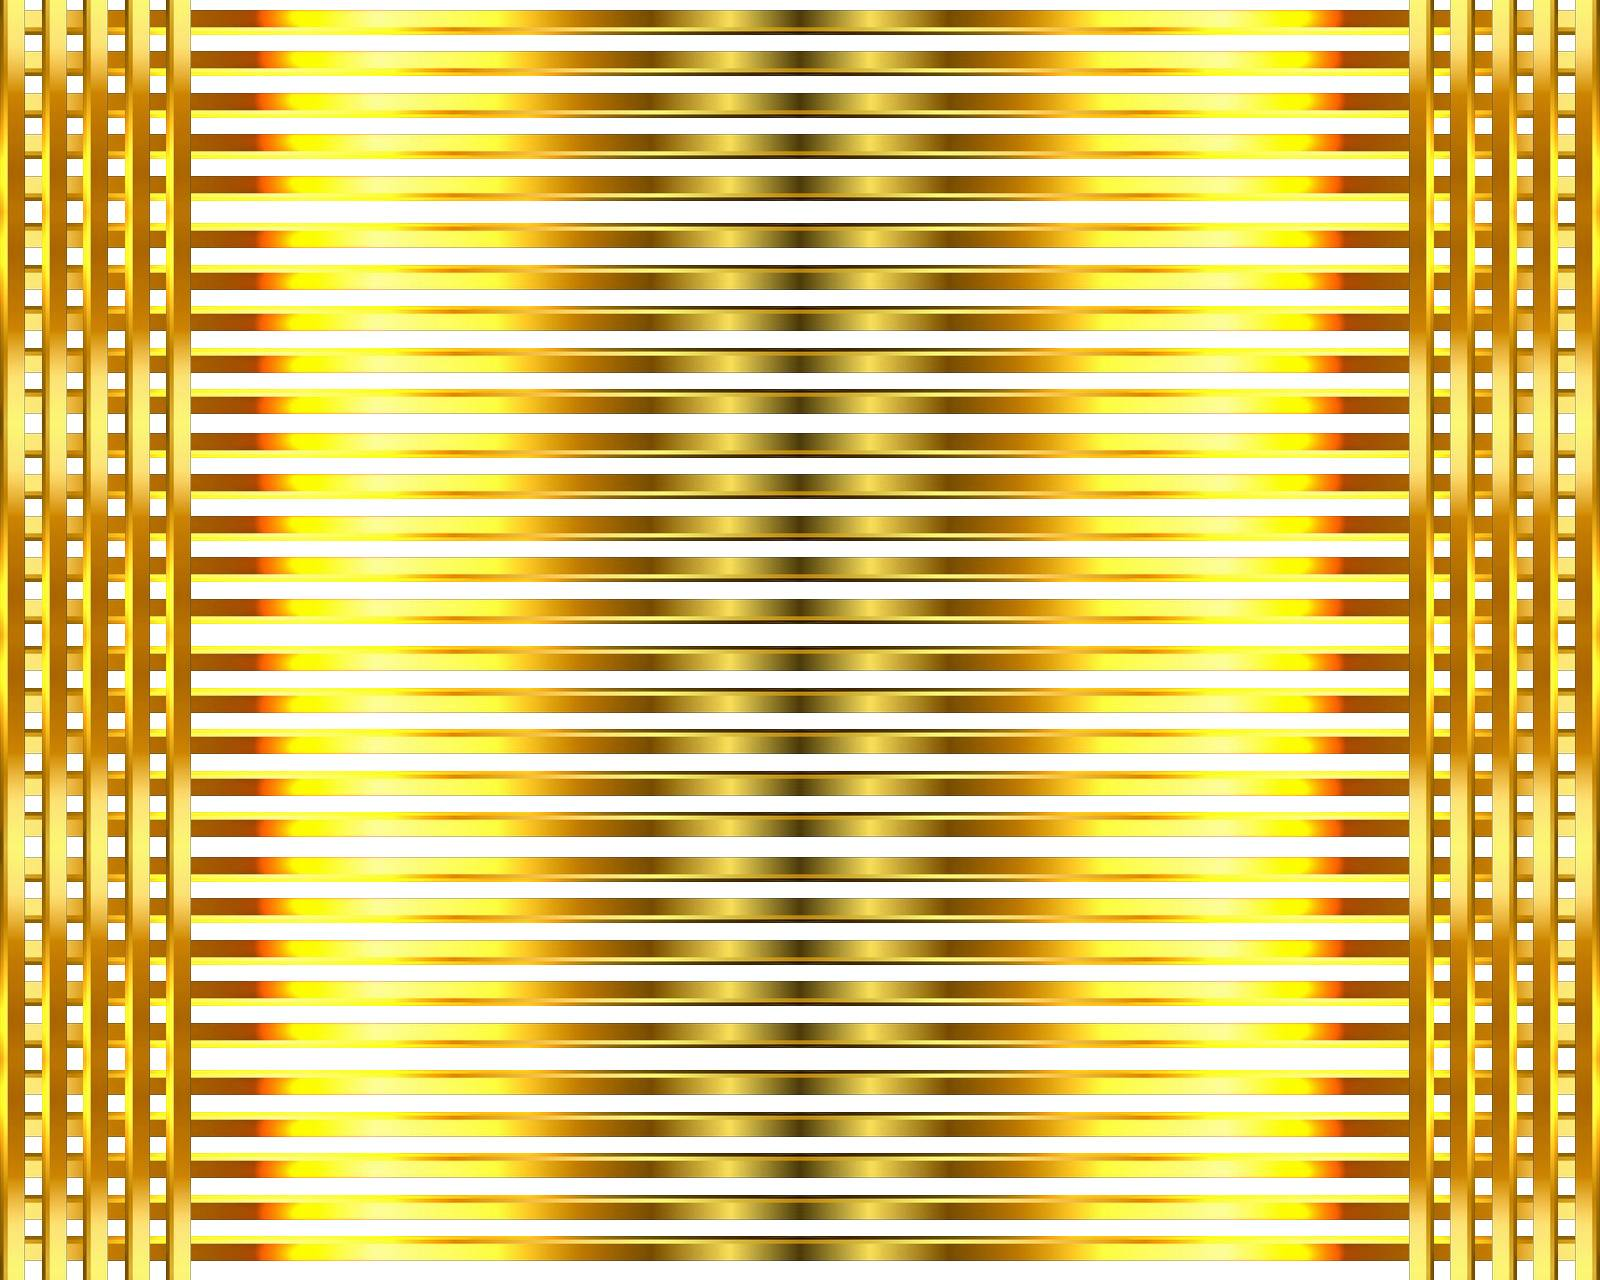 Golden Lattice